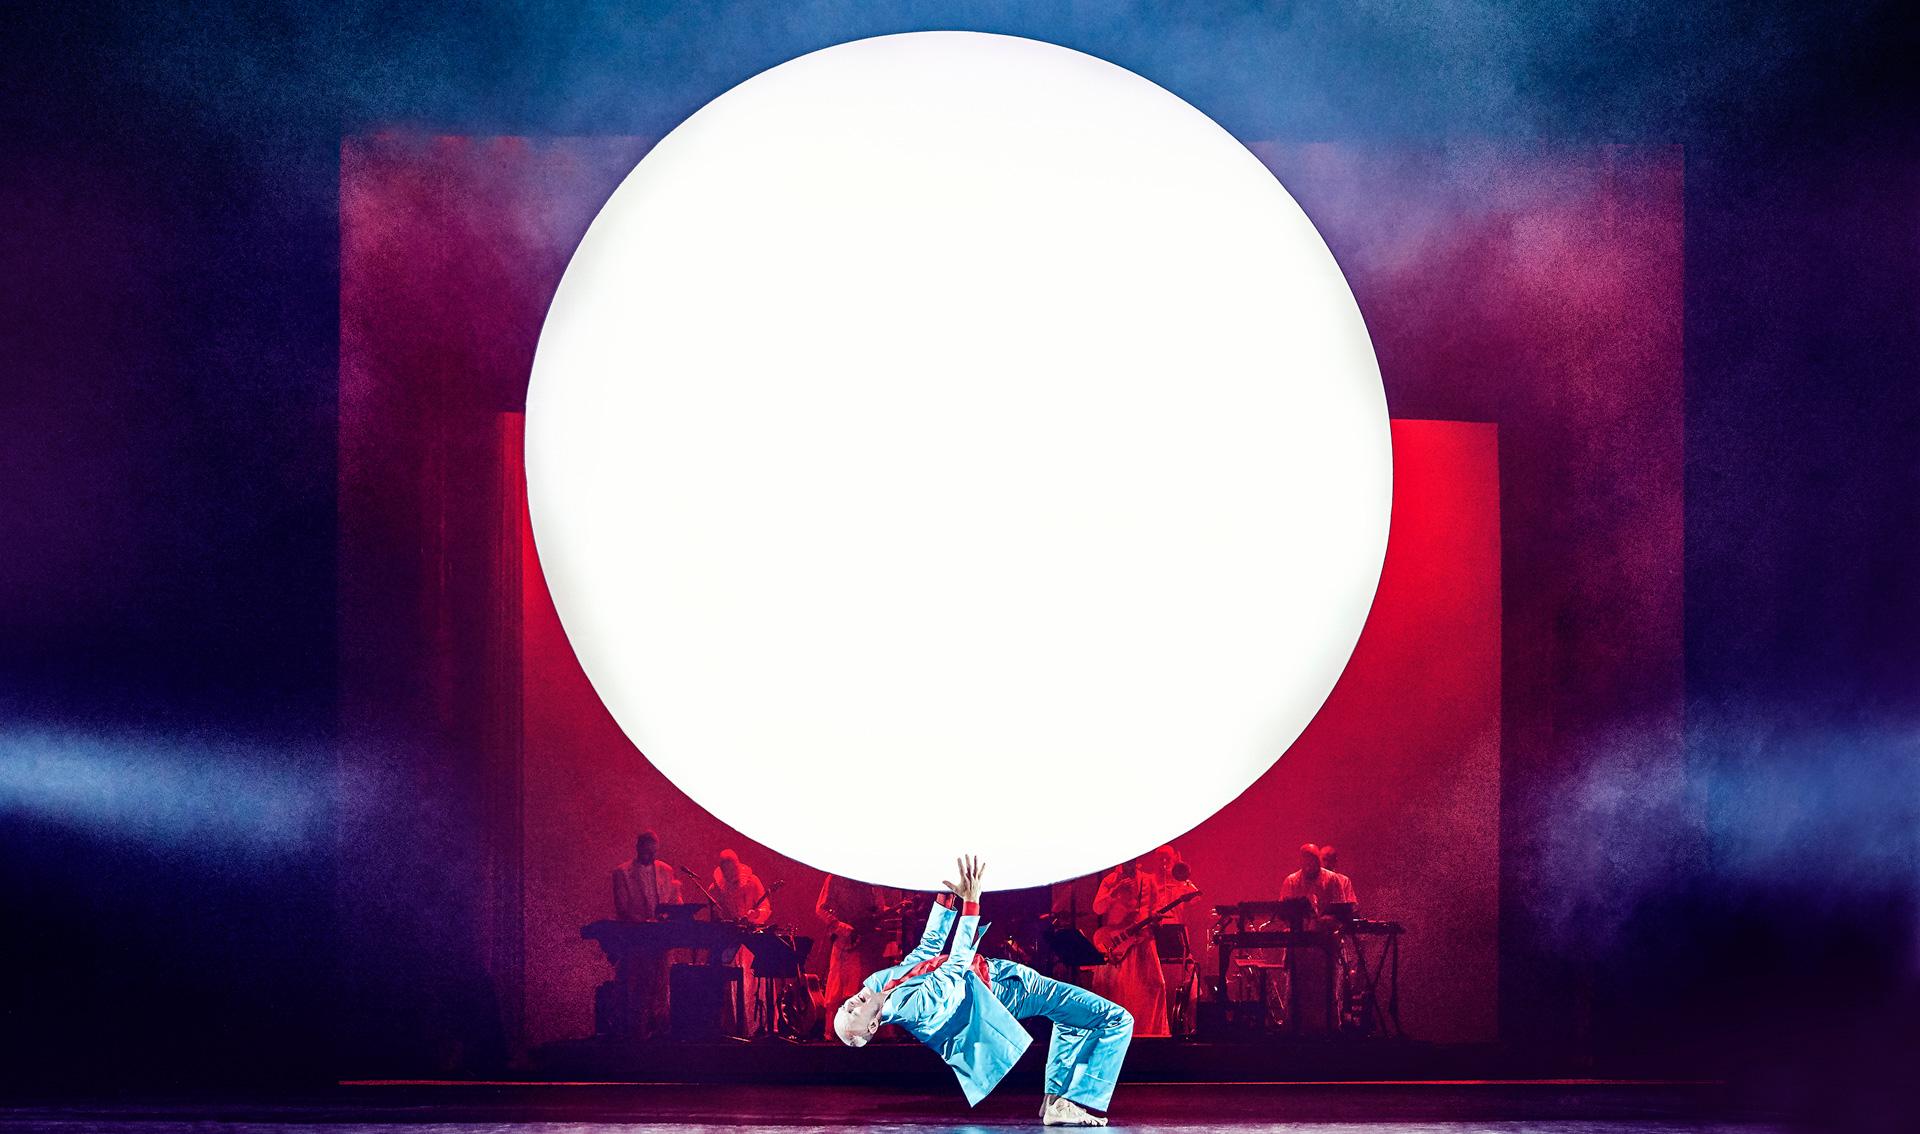 Anmeldelse af Lazarus: Rørende, forførende og et forrygende flot musikalsk show på Aarhus Teater